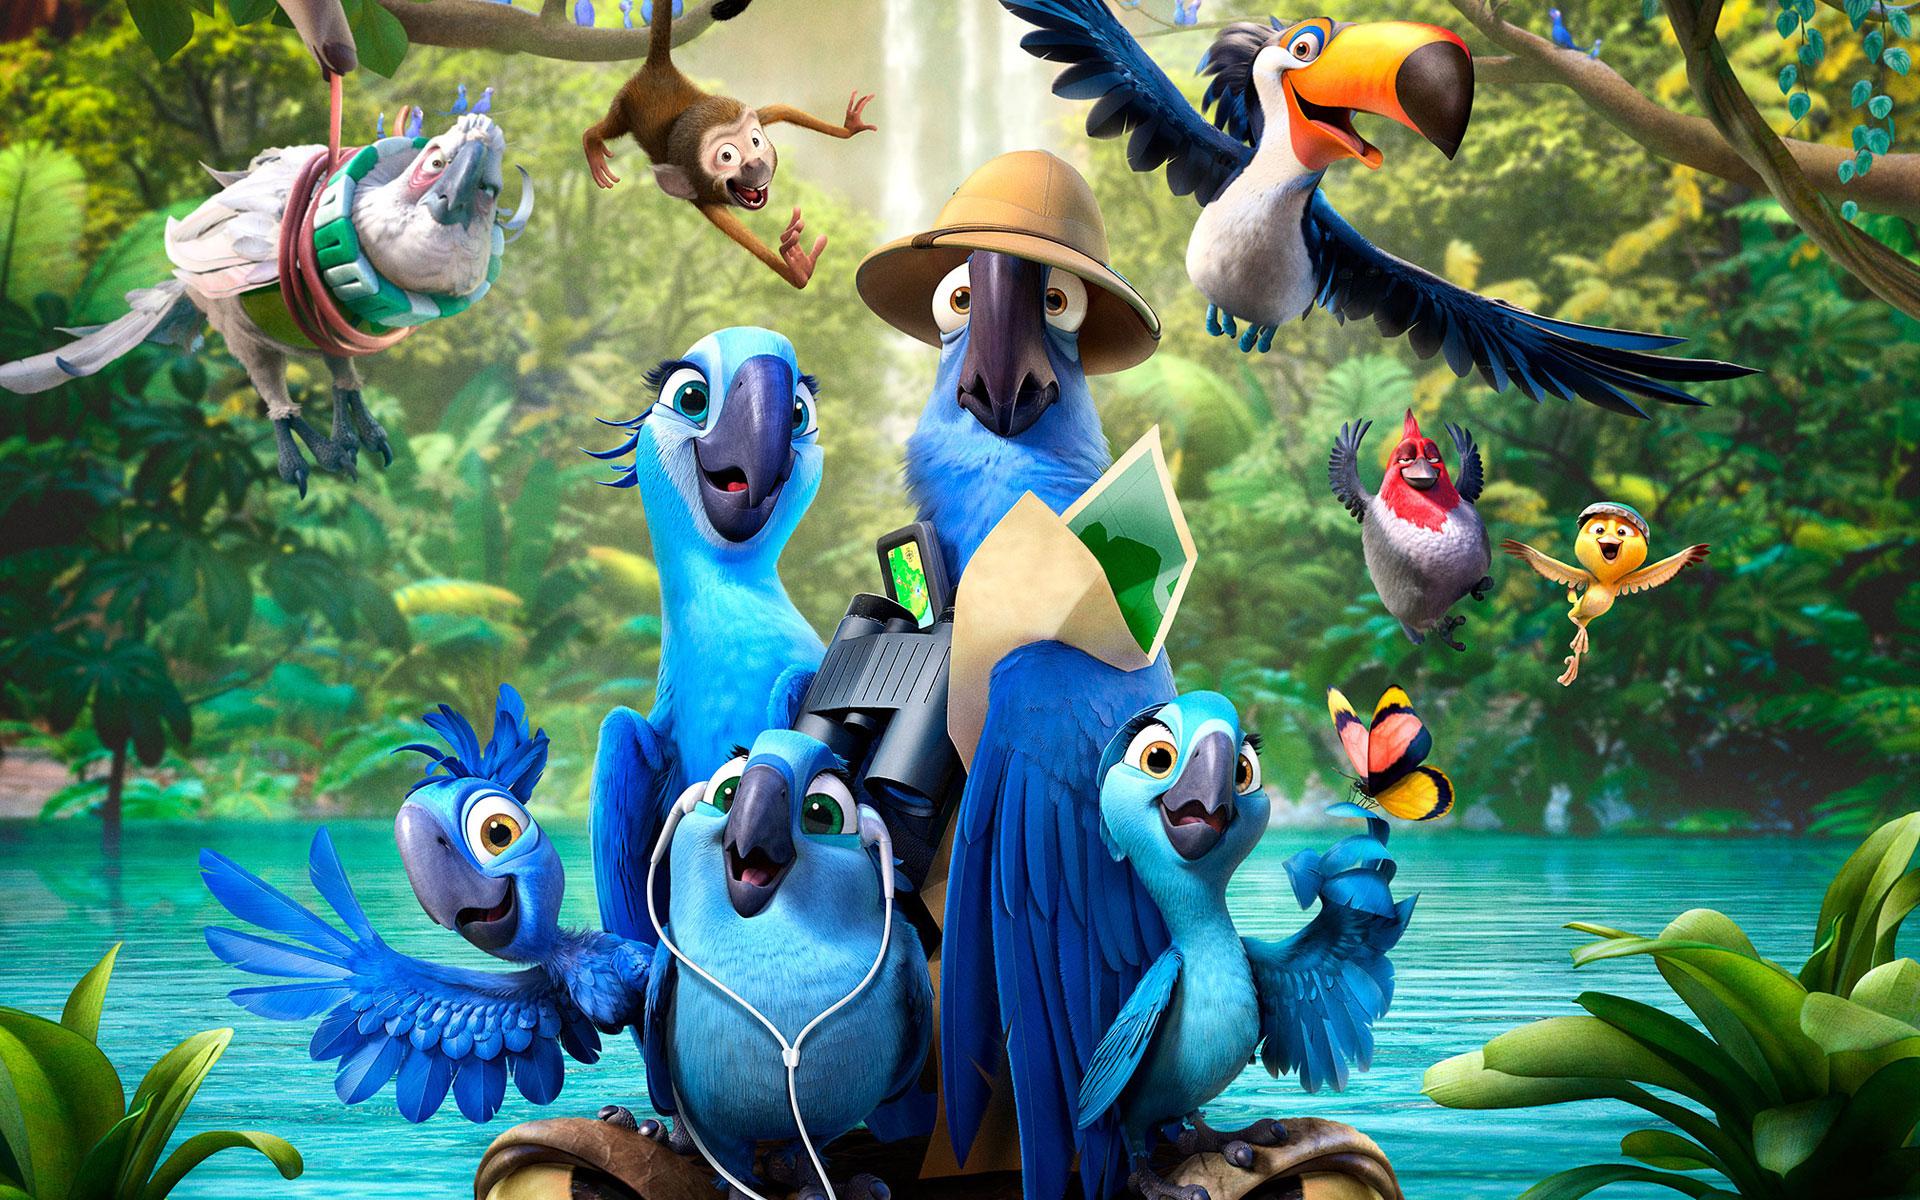 Rio 2 Movie wallpaper